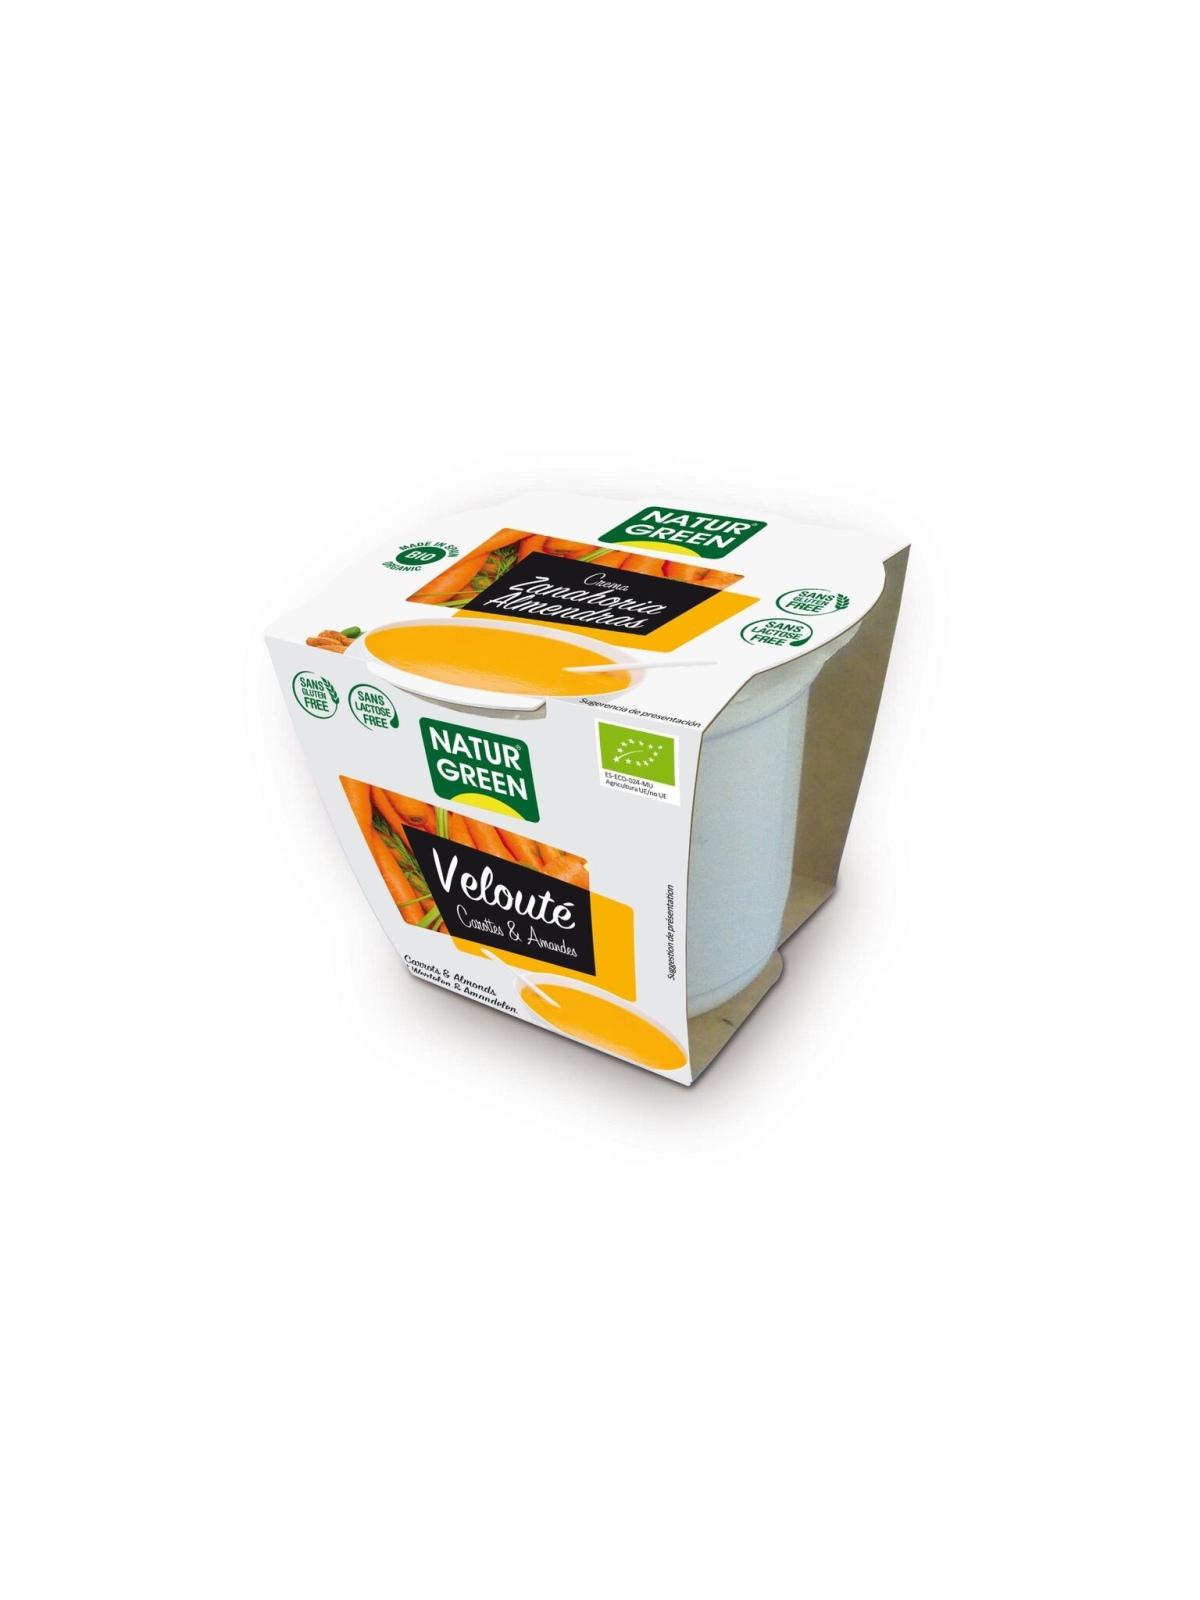 NaturGreen Crema Zanahoria con almendras